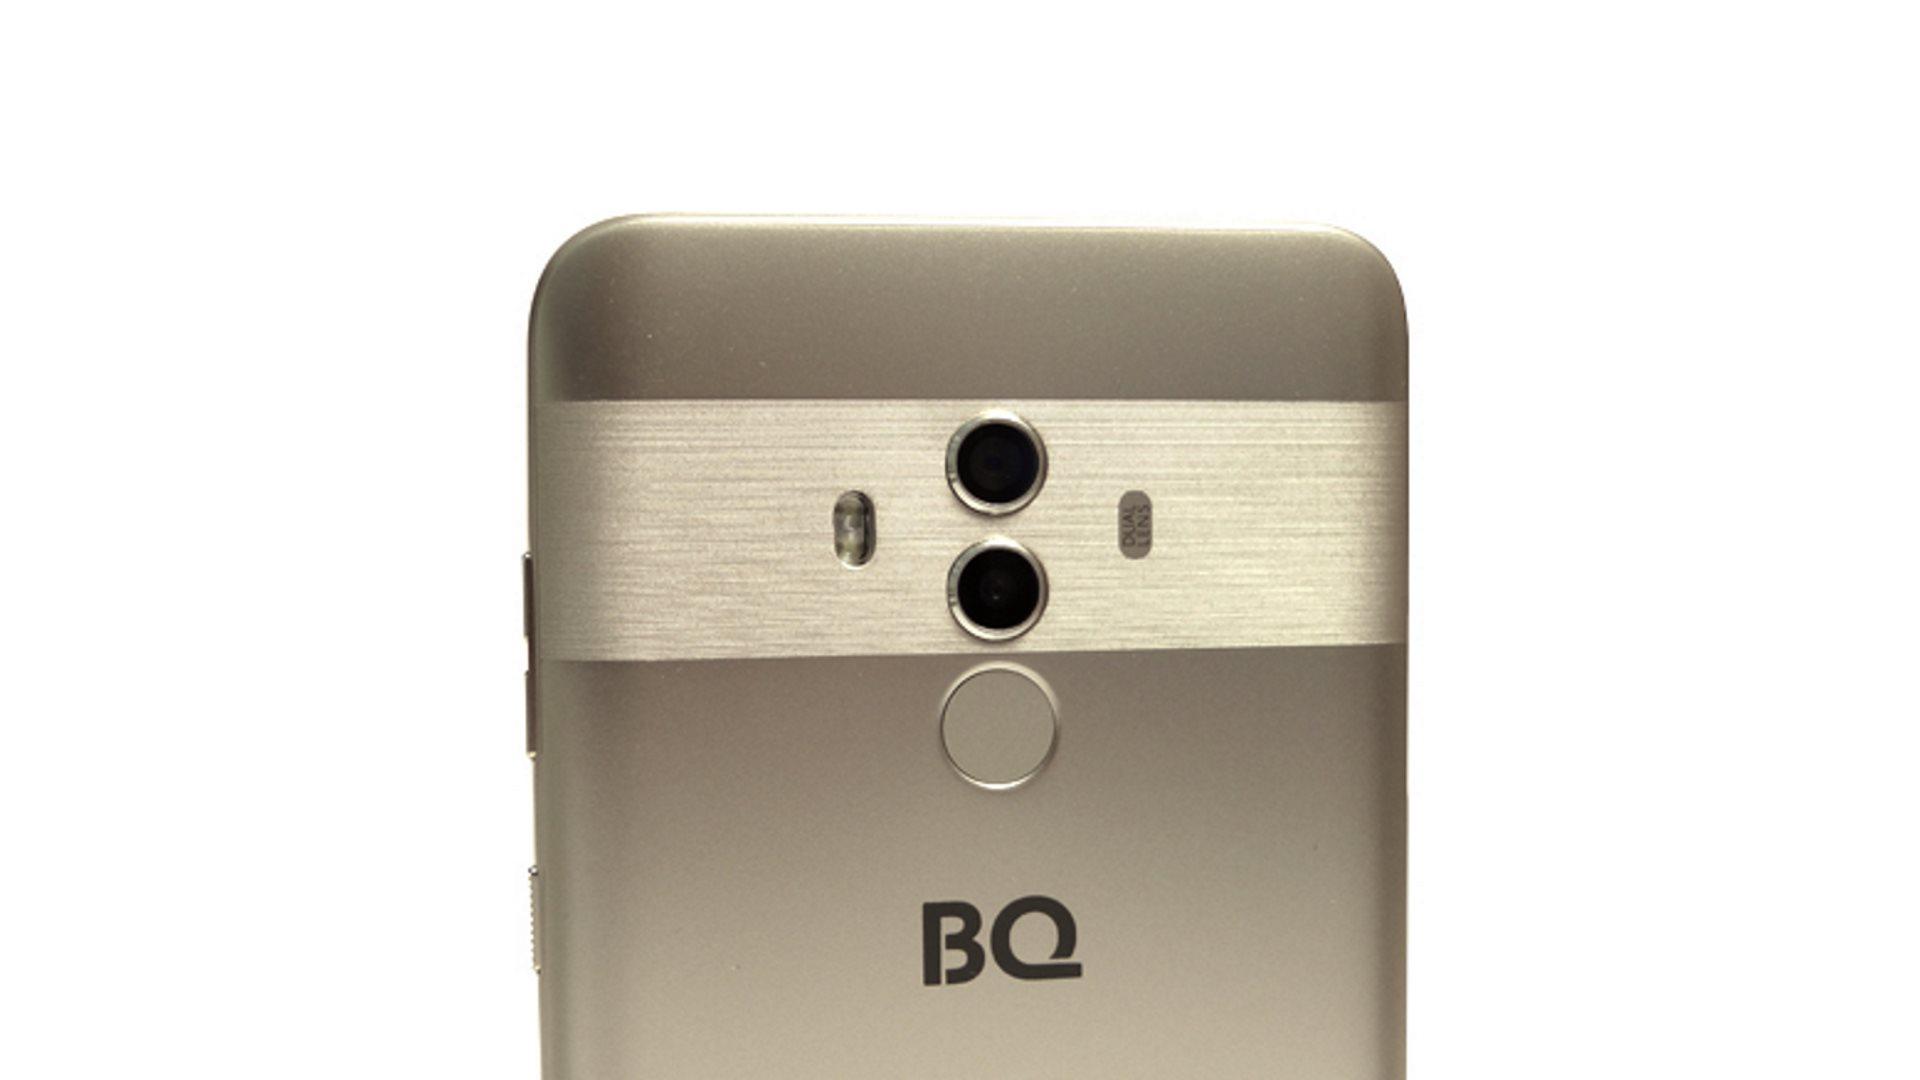 На иллюстрации изображена верхняя часть смартфона BQ-5517L Twin Pro золотого цвета сзади